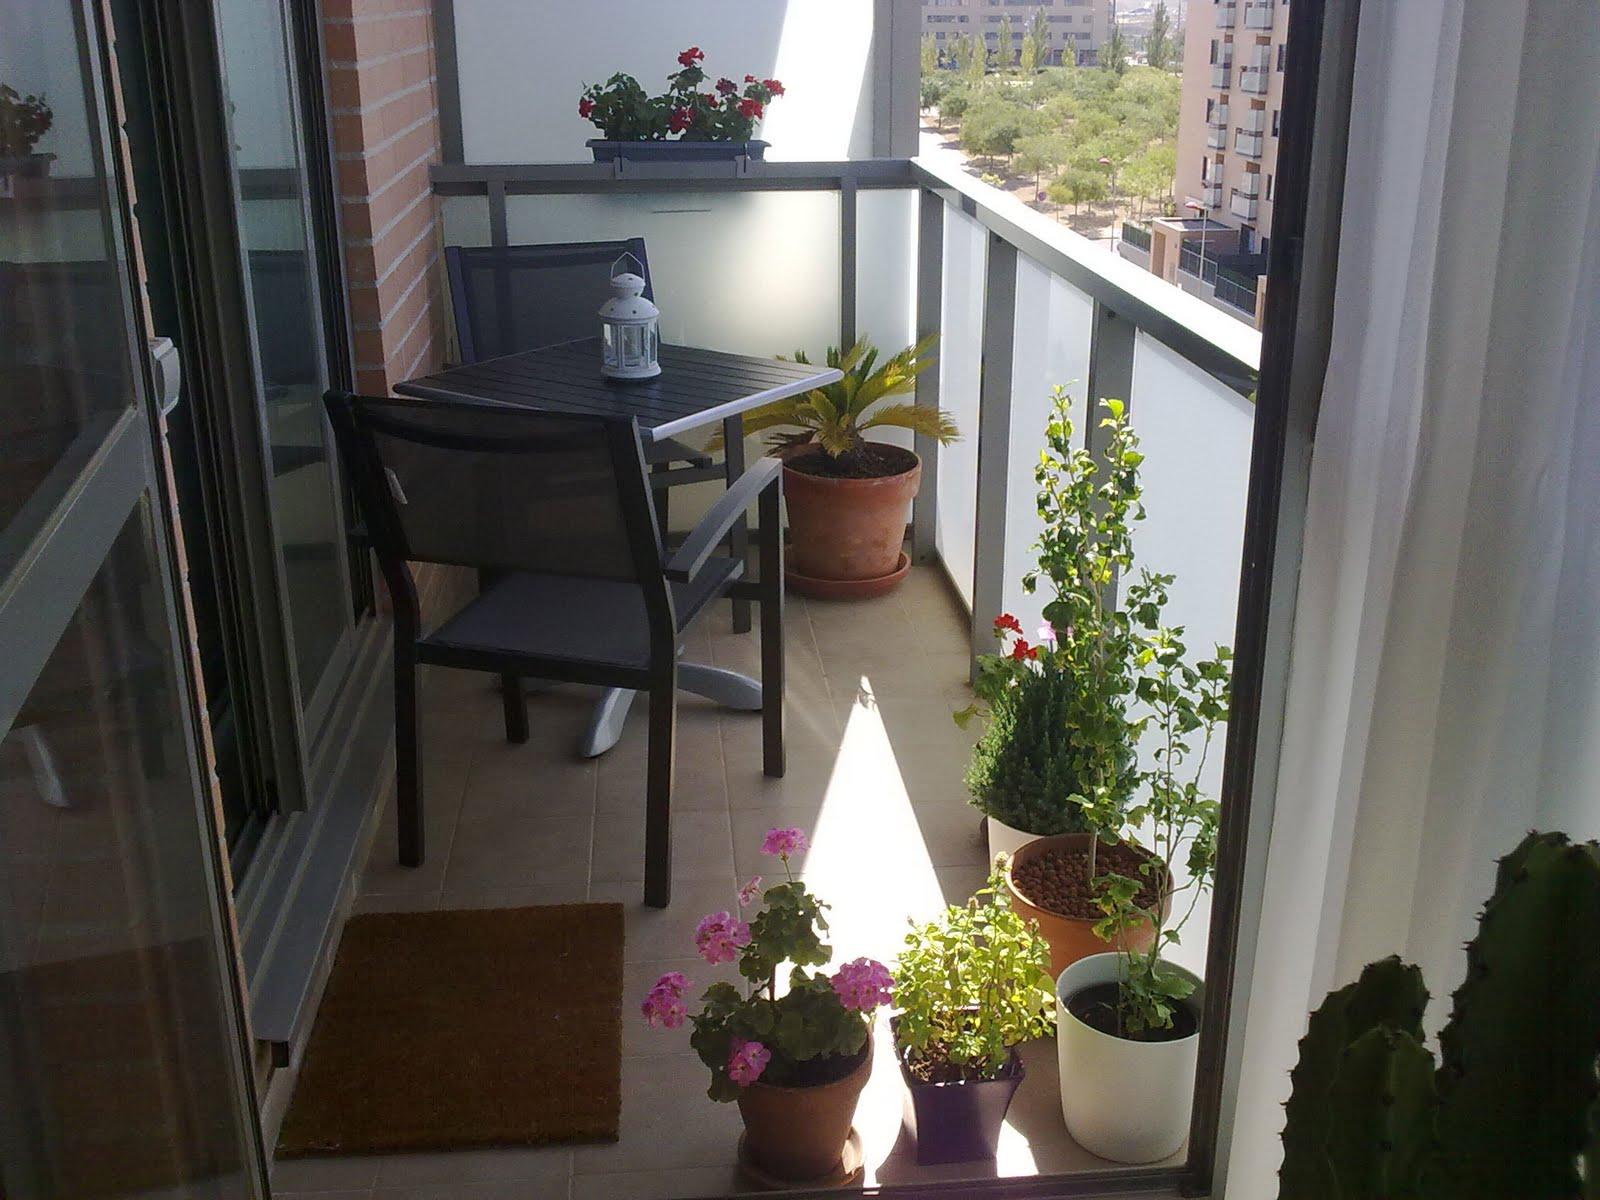 Decoracion terrazas peque as ikea - Decoracion terrazas pequenas ...